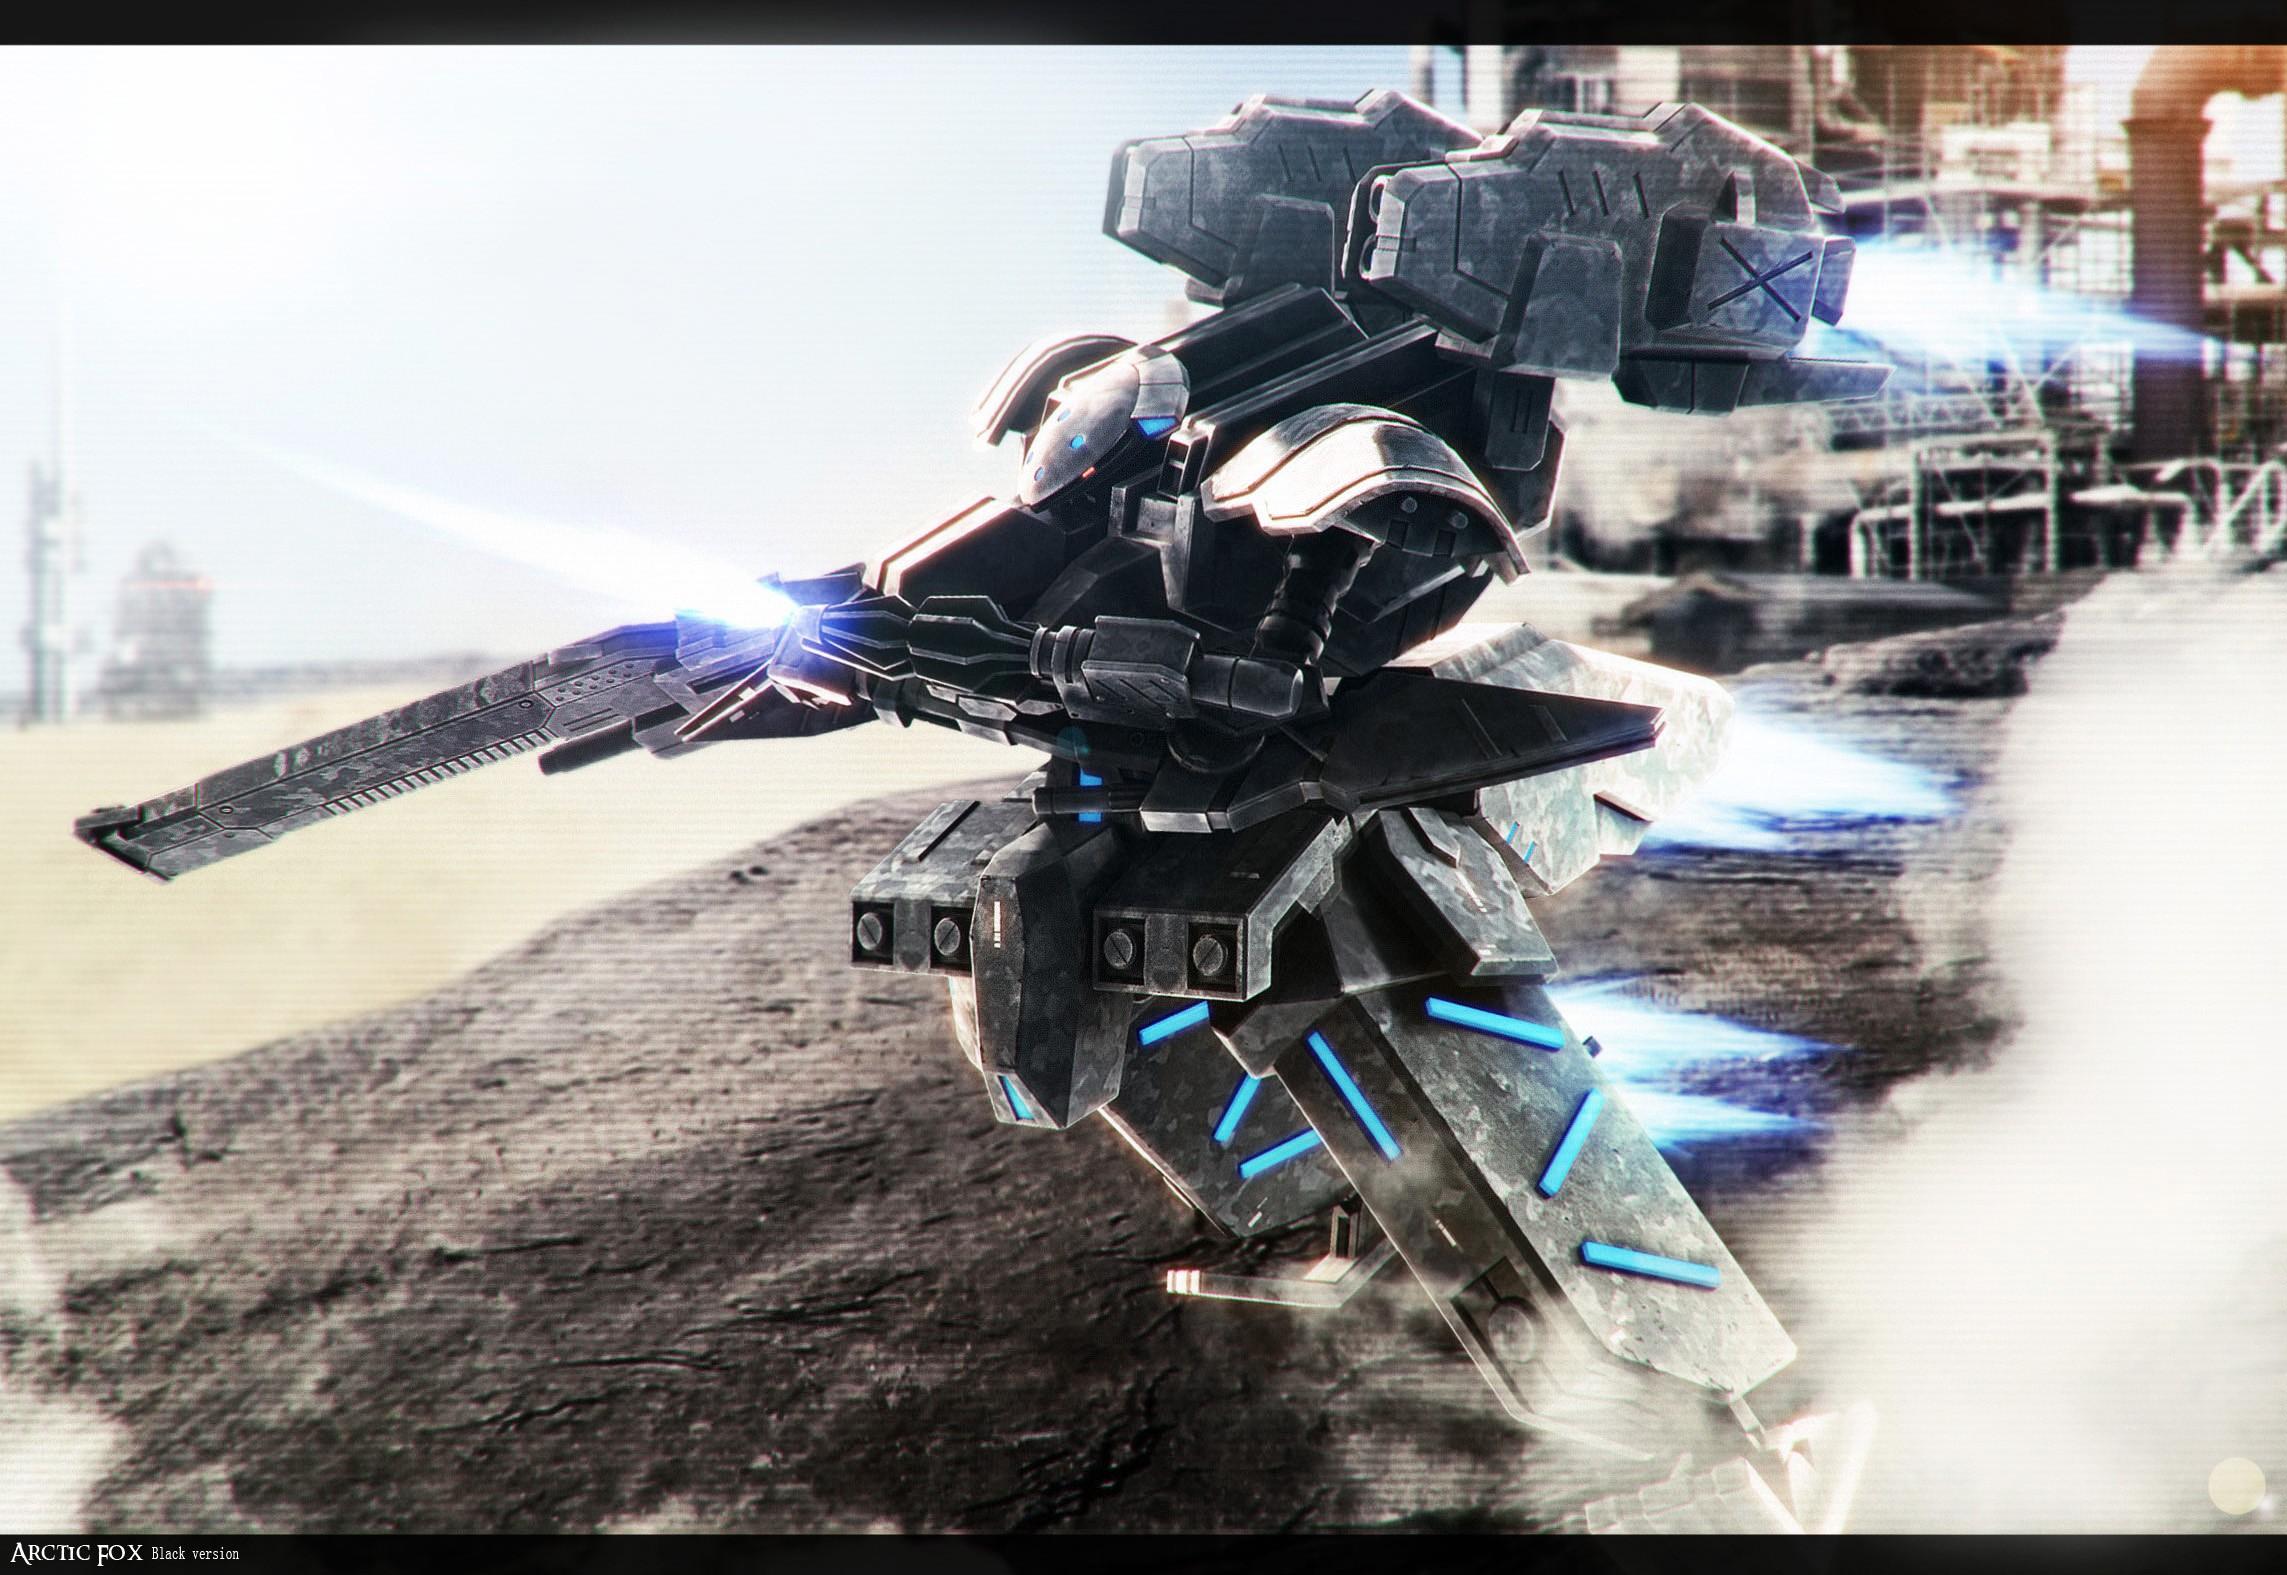 Free download Robots Mecha Wallpaper 2287x1575 Robots Mecha